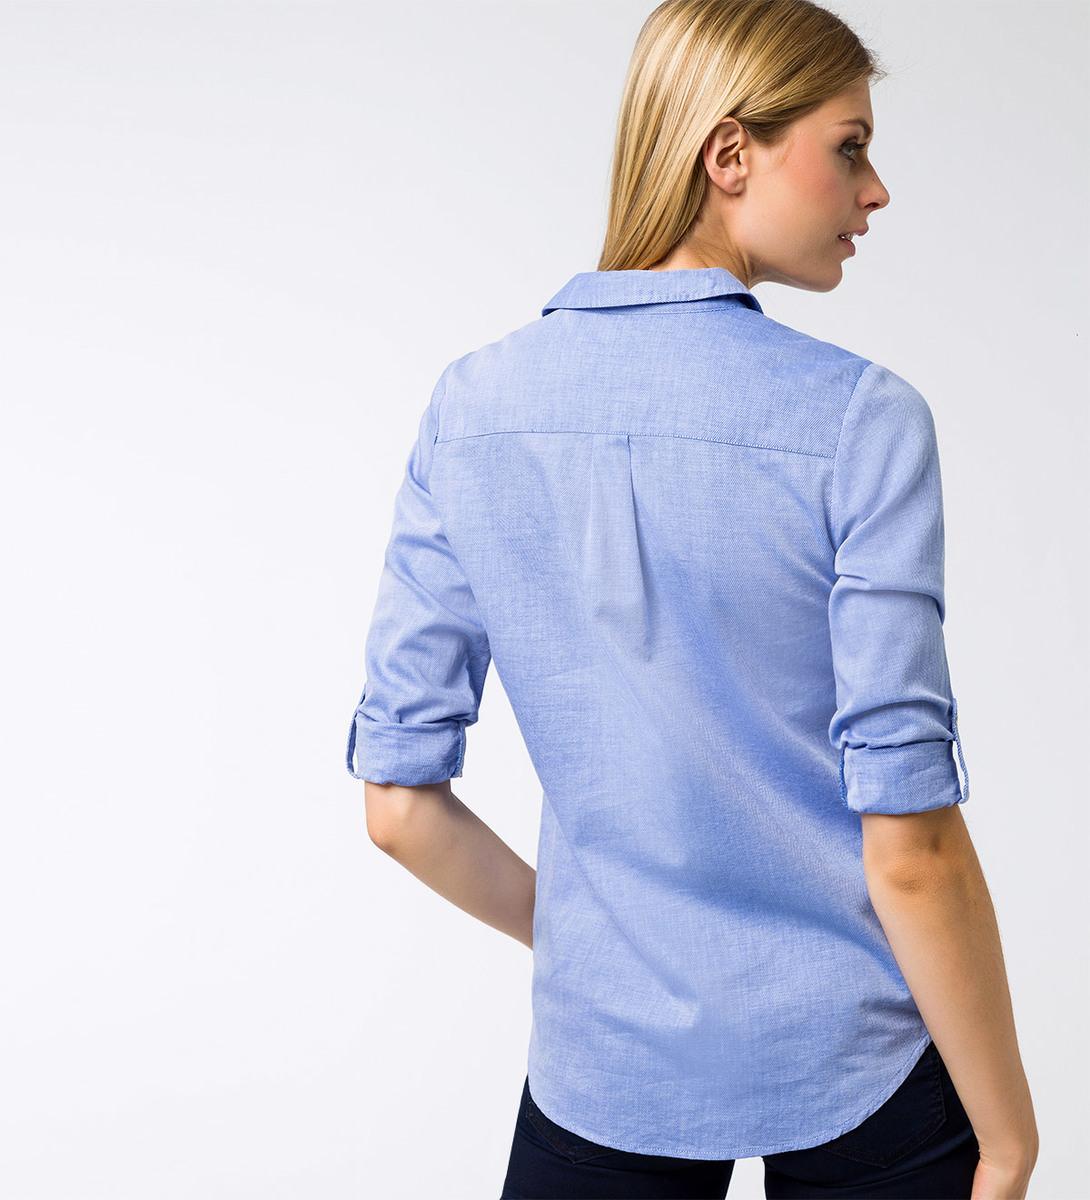 Bluse mit verkürzter Knopfleiste in cobalt blue